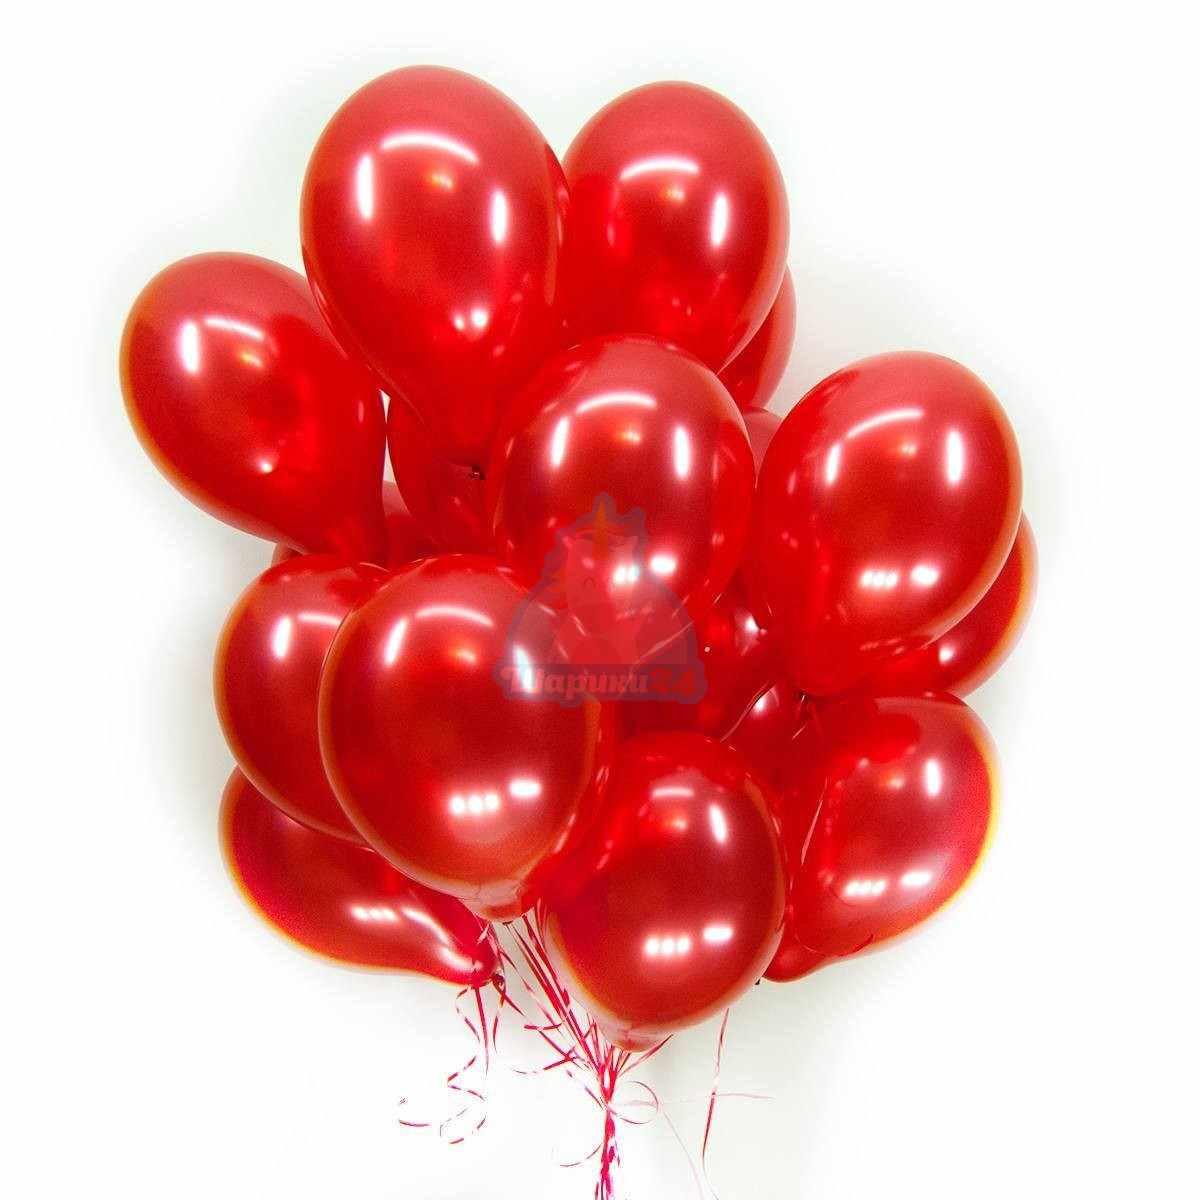 Красные шарики металлик фото в интернет-магазине Шарики 24